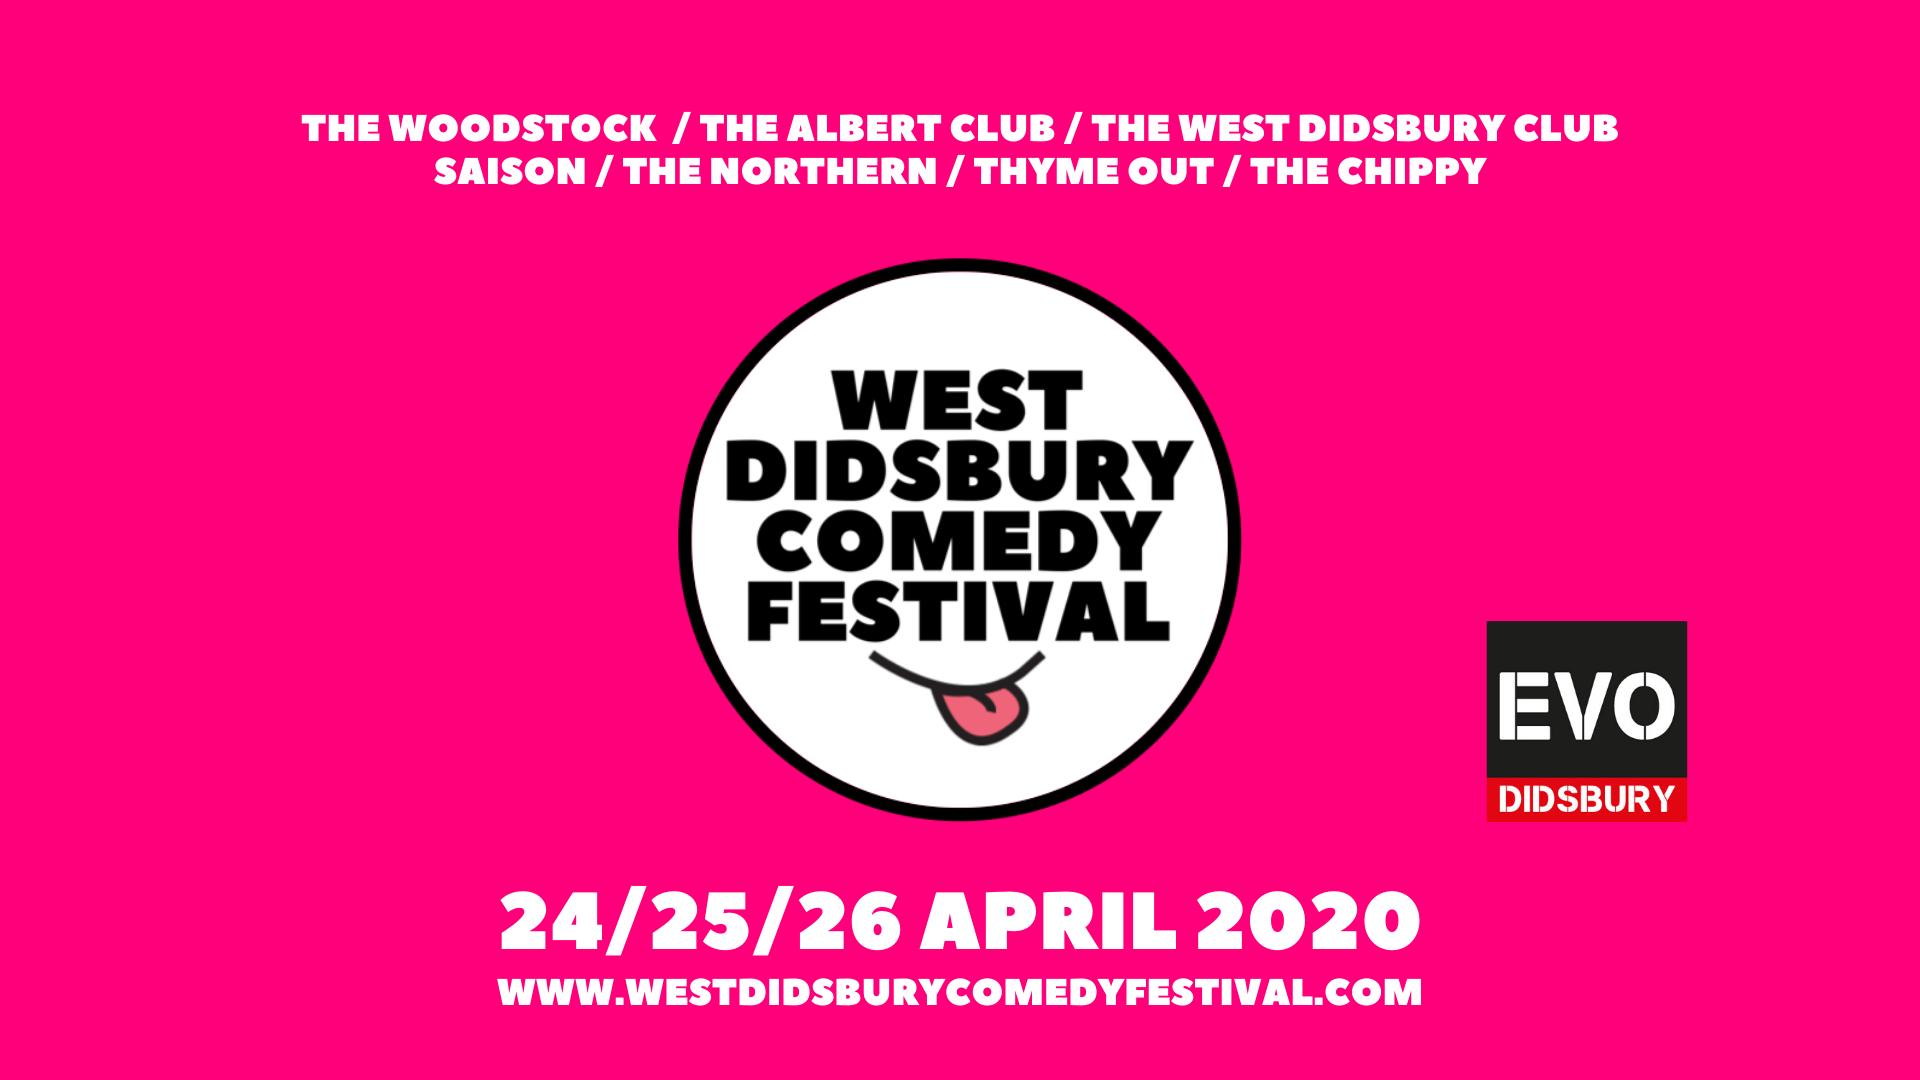 West didsbury comedy festival 2020